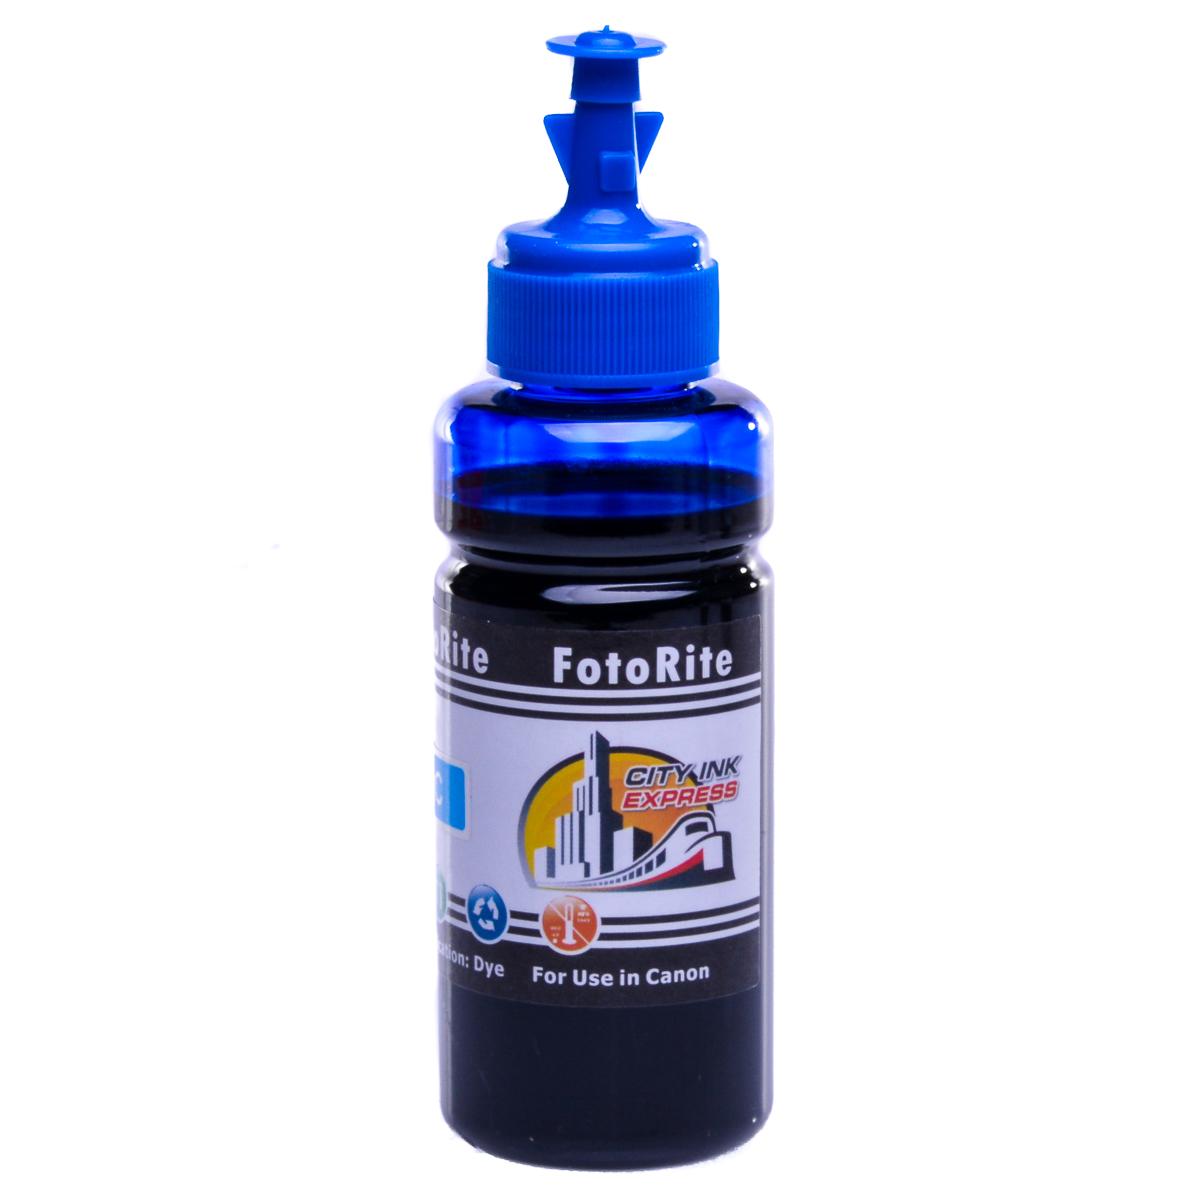 Cheap Cyan dye ink replaces Canon Pixma MP650 - CLI-521C